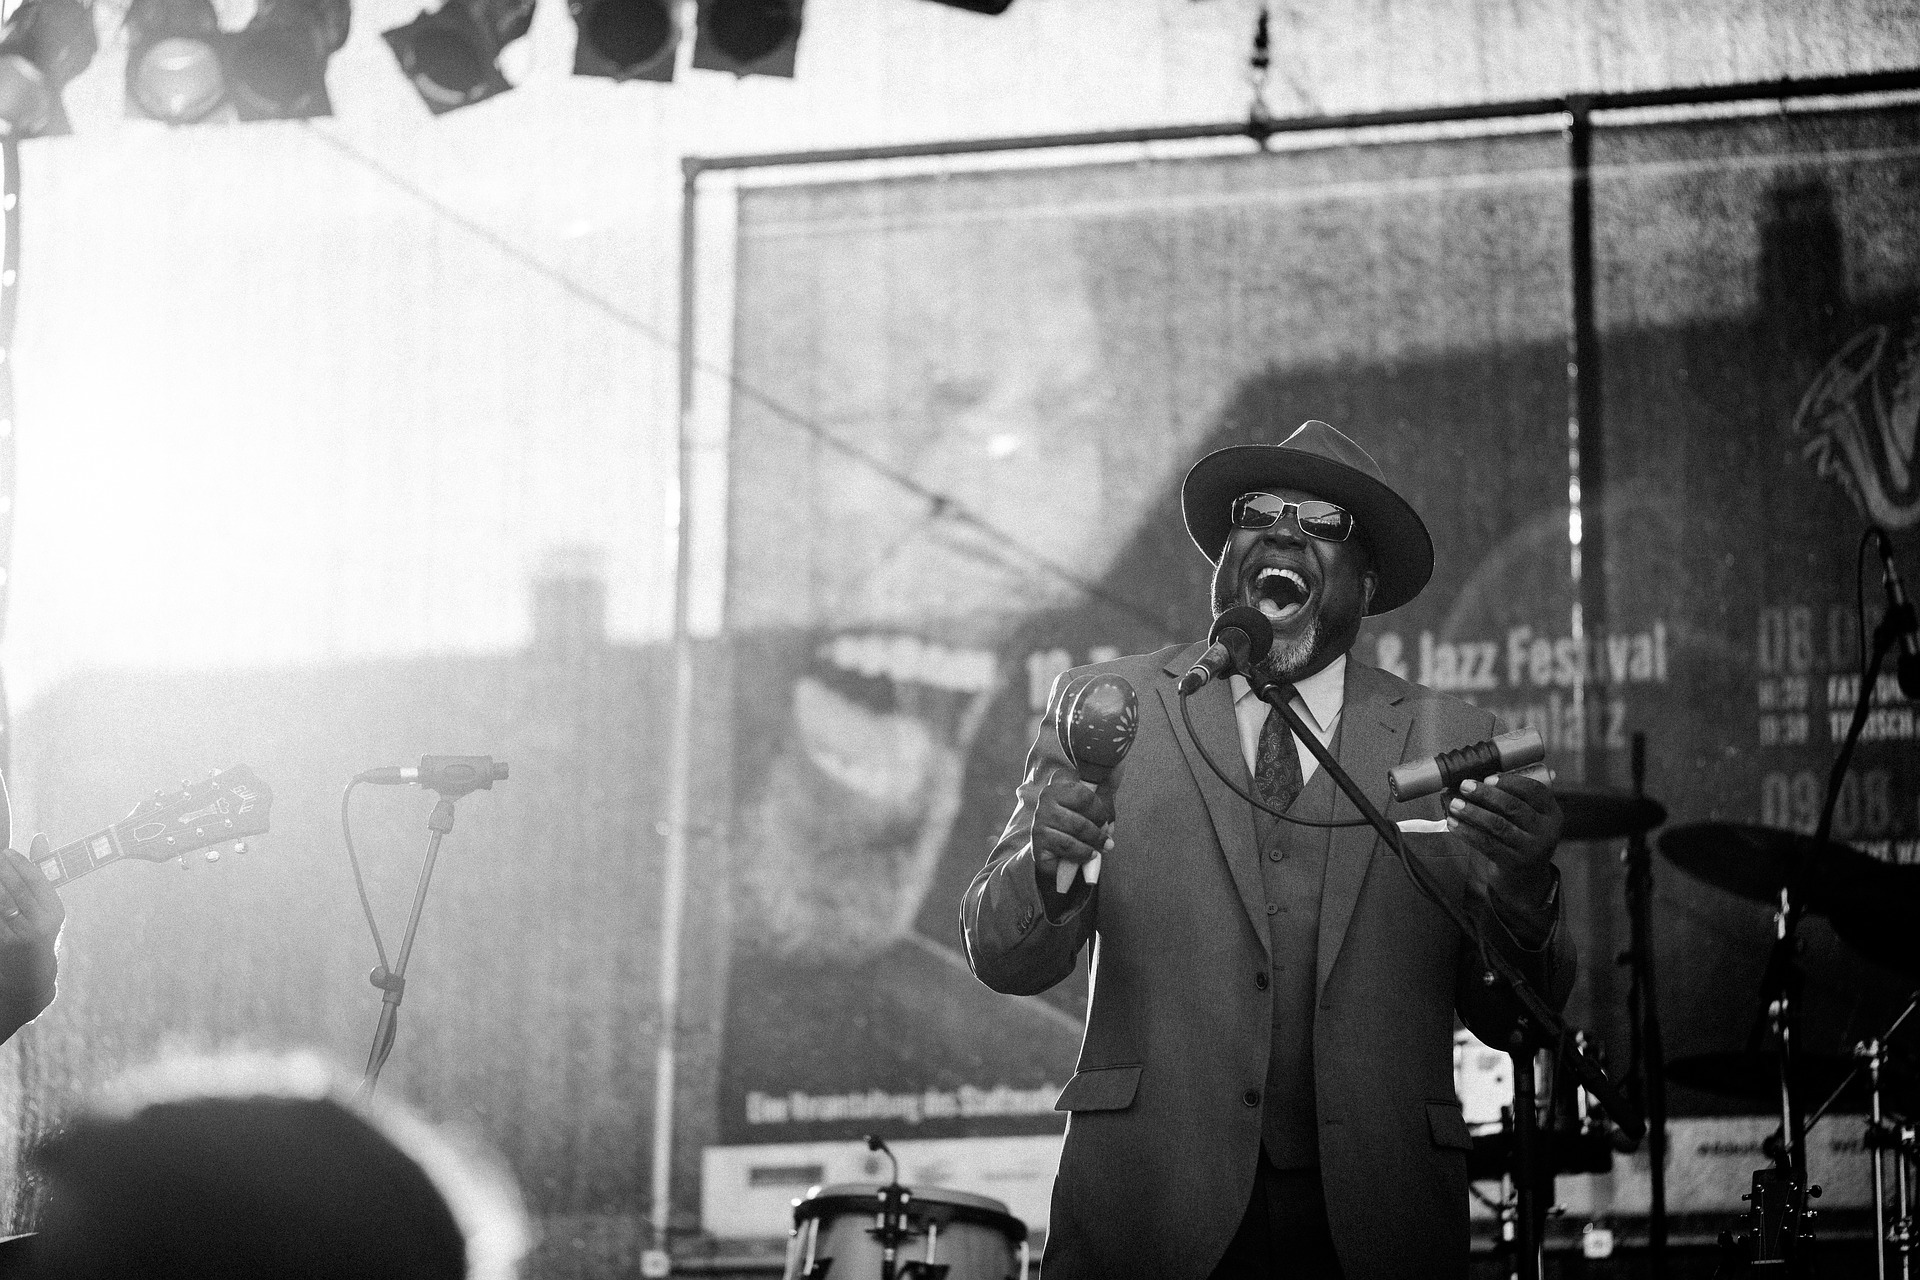 Fire måter å lære mer om bluesmusikk